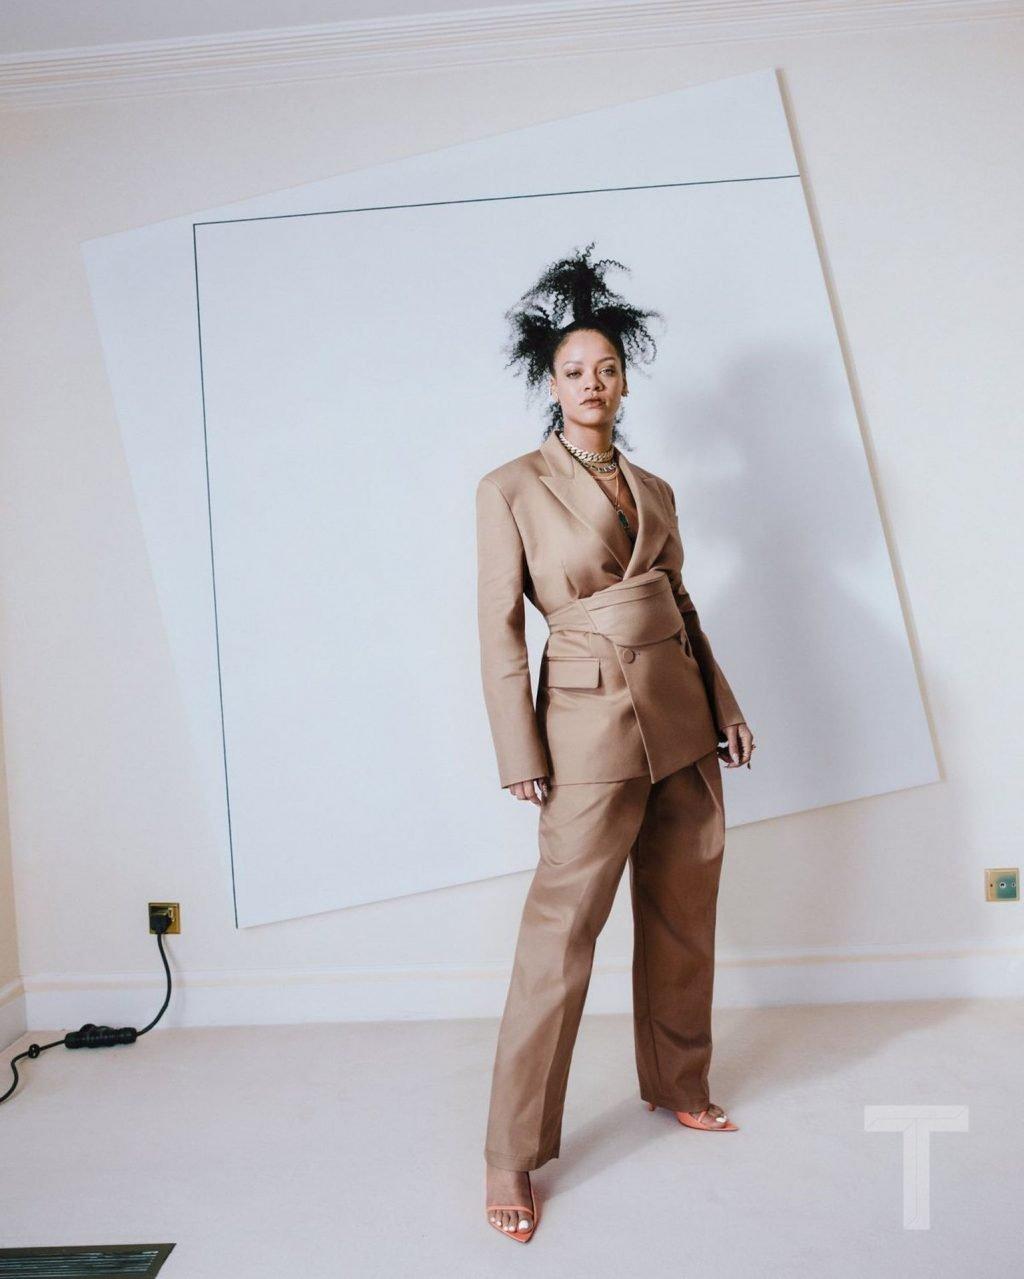 Rihanna Sexy (11 Photos + GIFs)